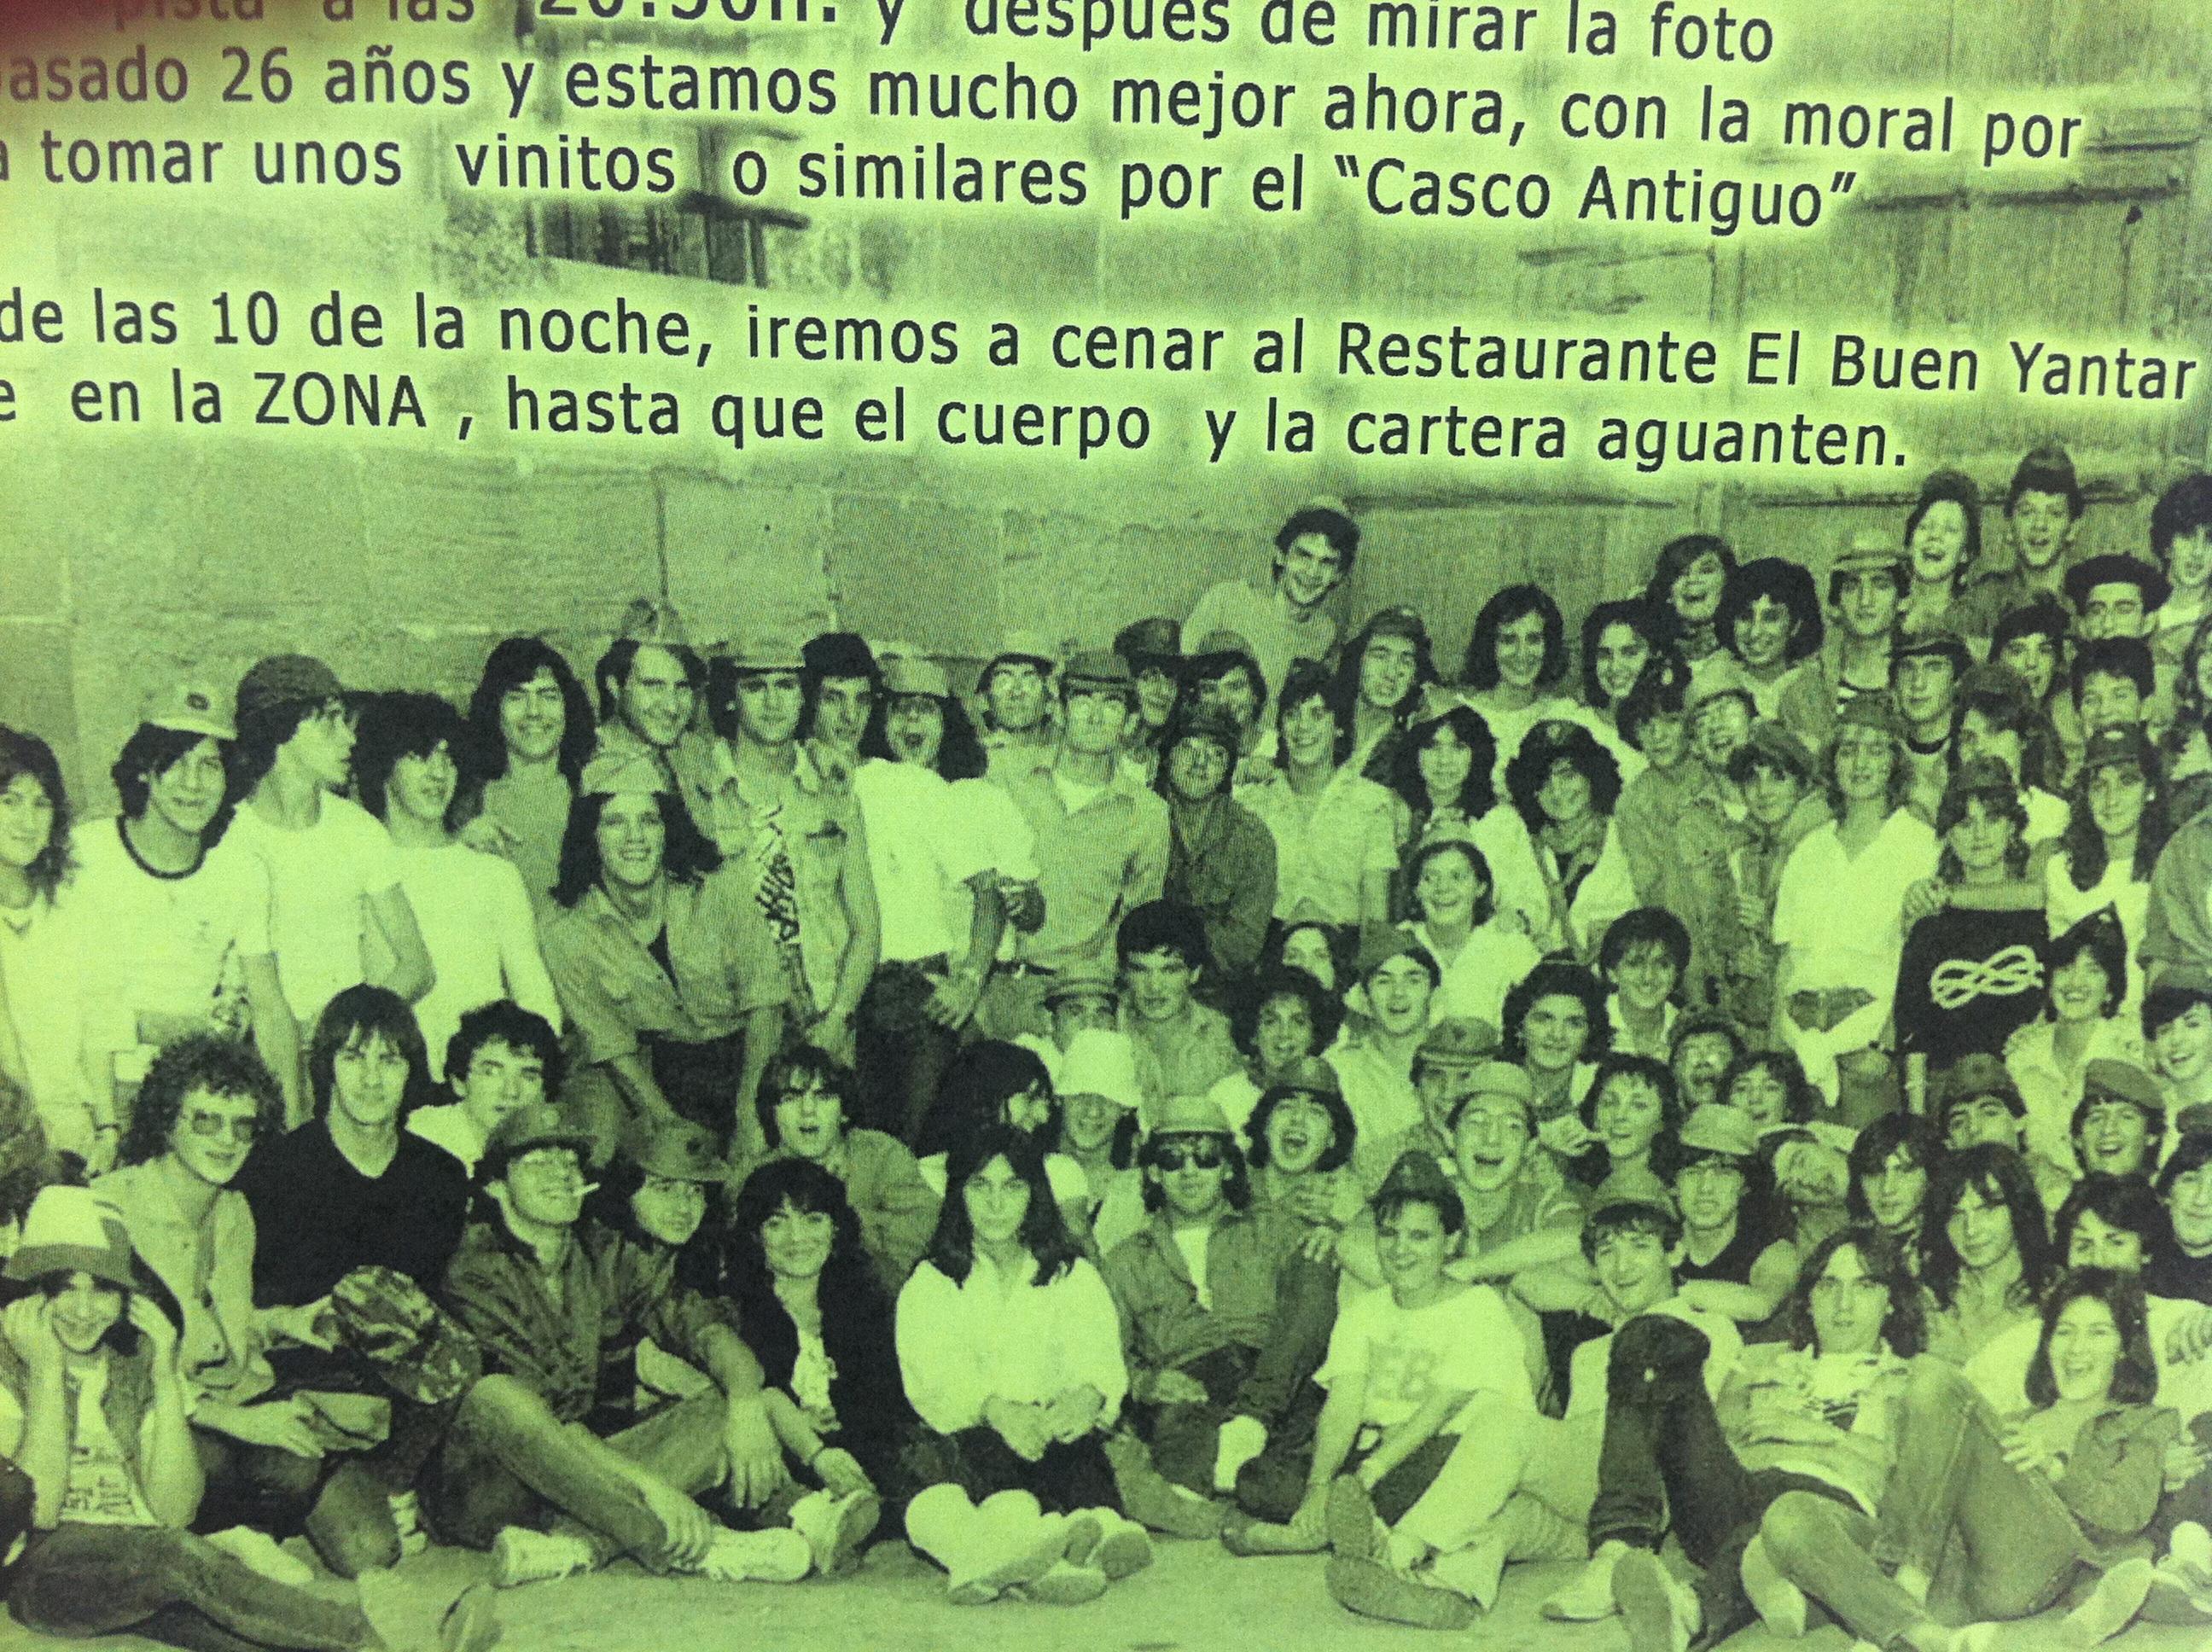 Aniversario de quintos en n jera fotos de fotos antiguas Fotos de najera